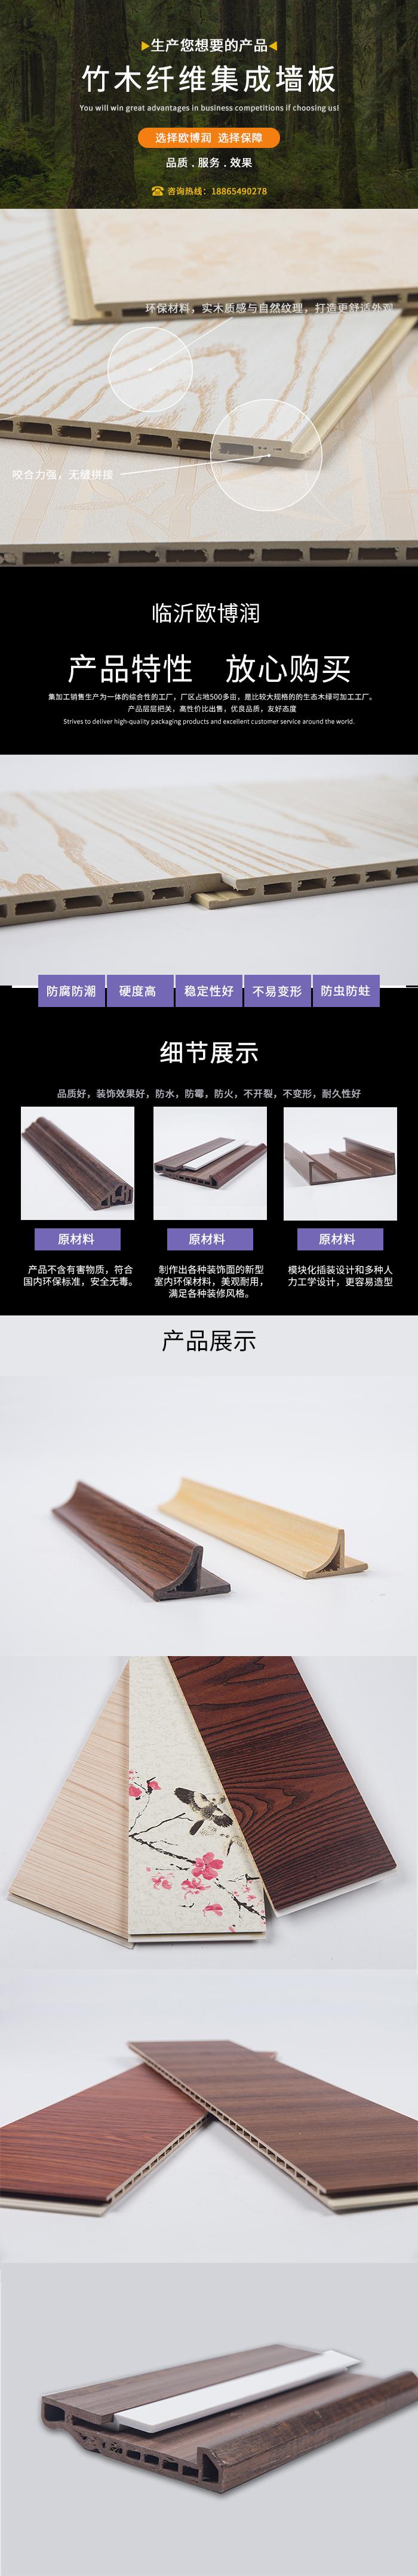 环保集成墙板竹木纤维厂